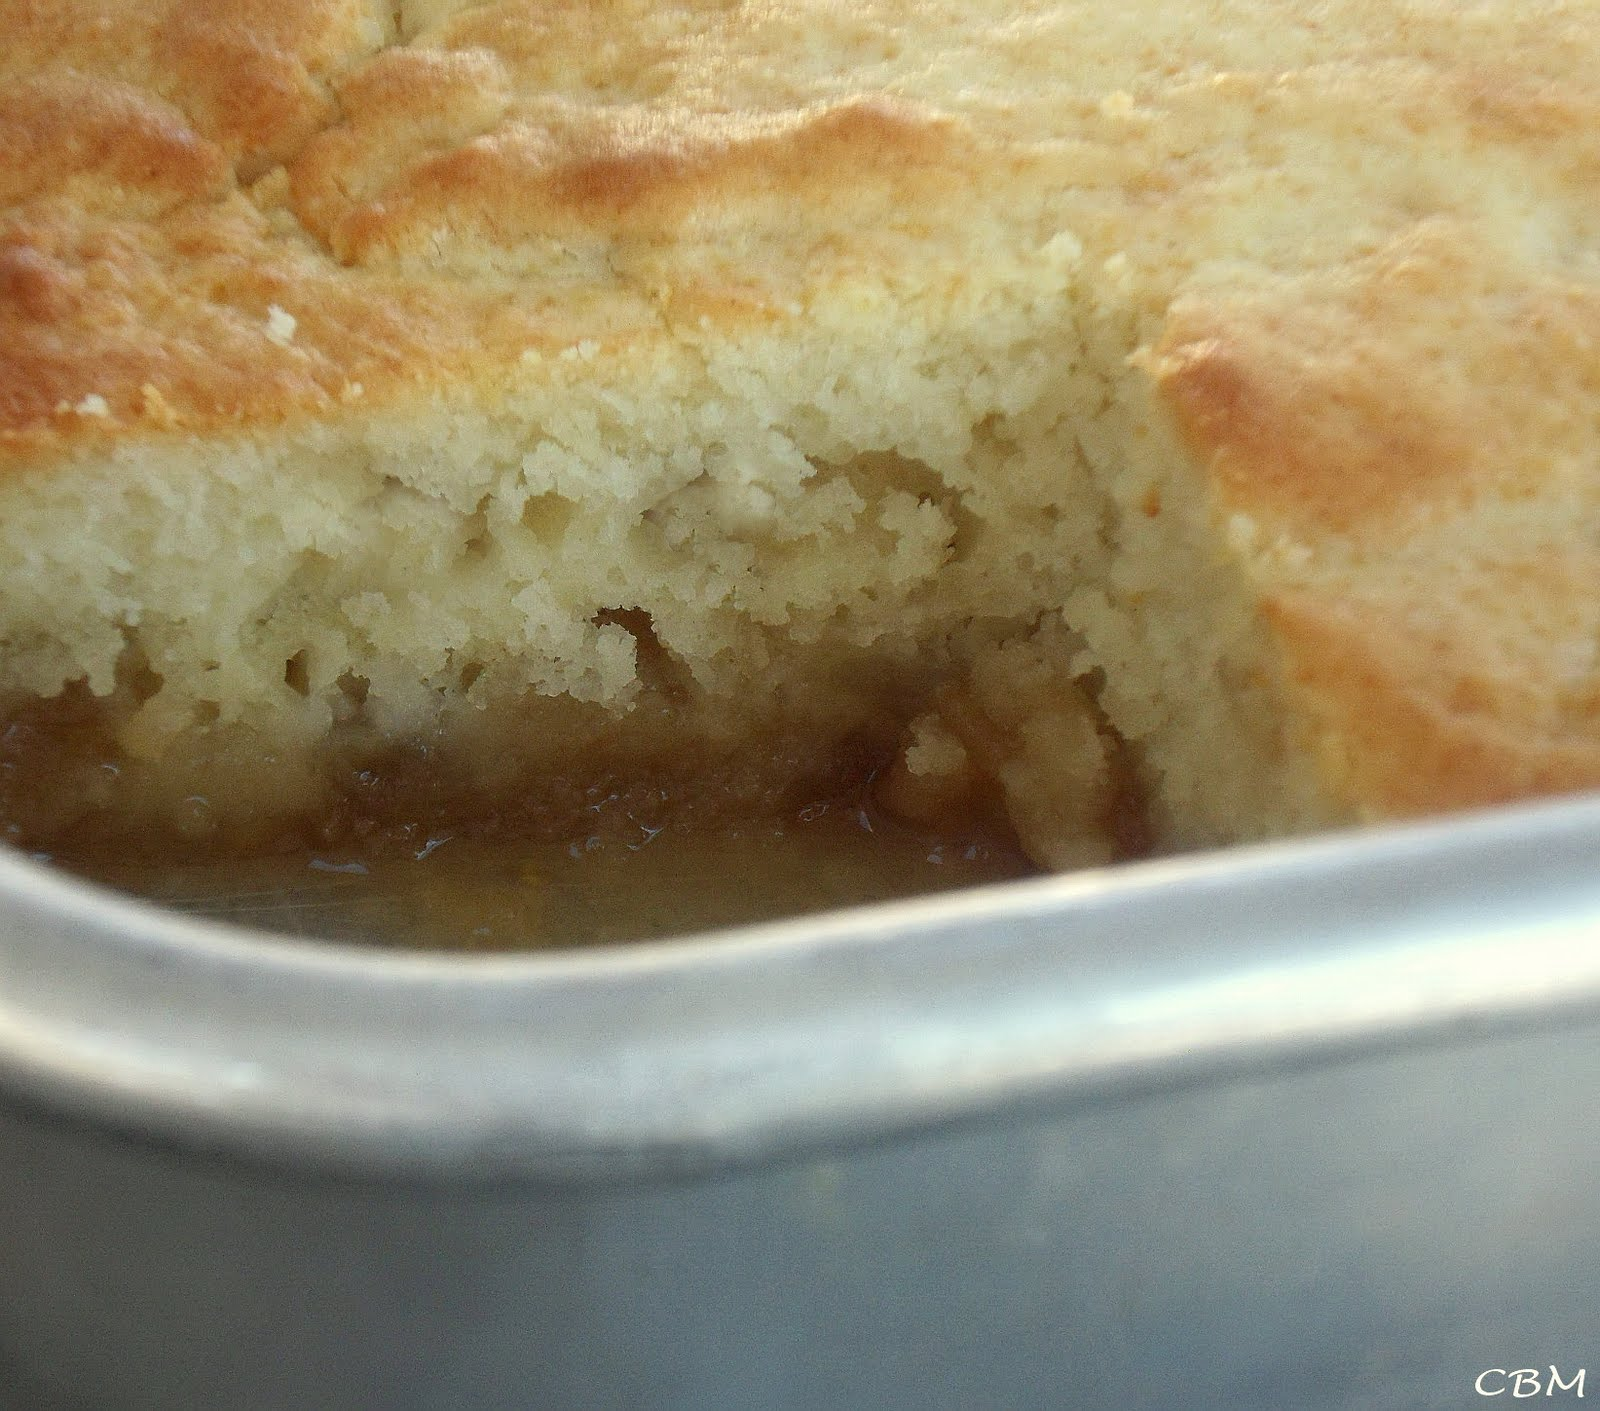 Parfait Aux Pommes Et Au Sirop D érable: Dans La Cuisine De Blanc-manger: Gâteau Renversé Au Sirop